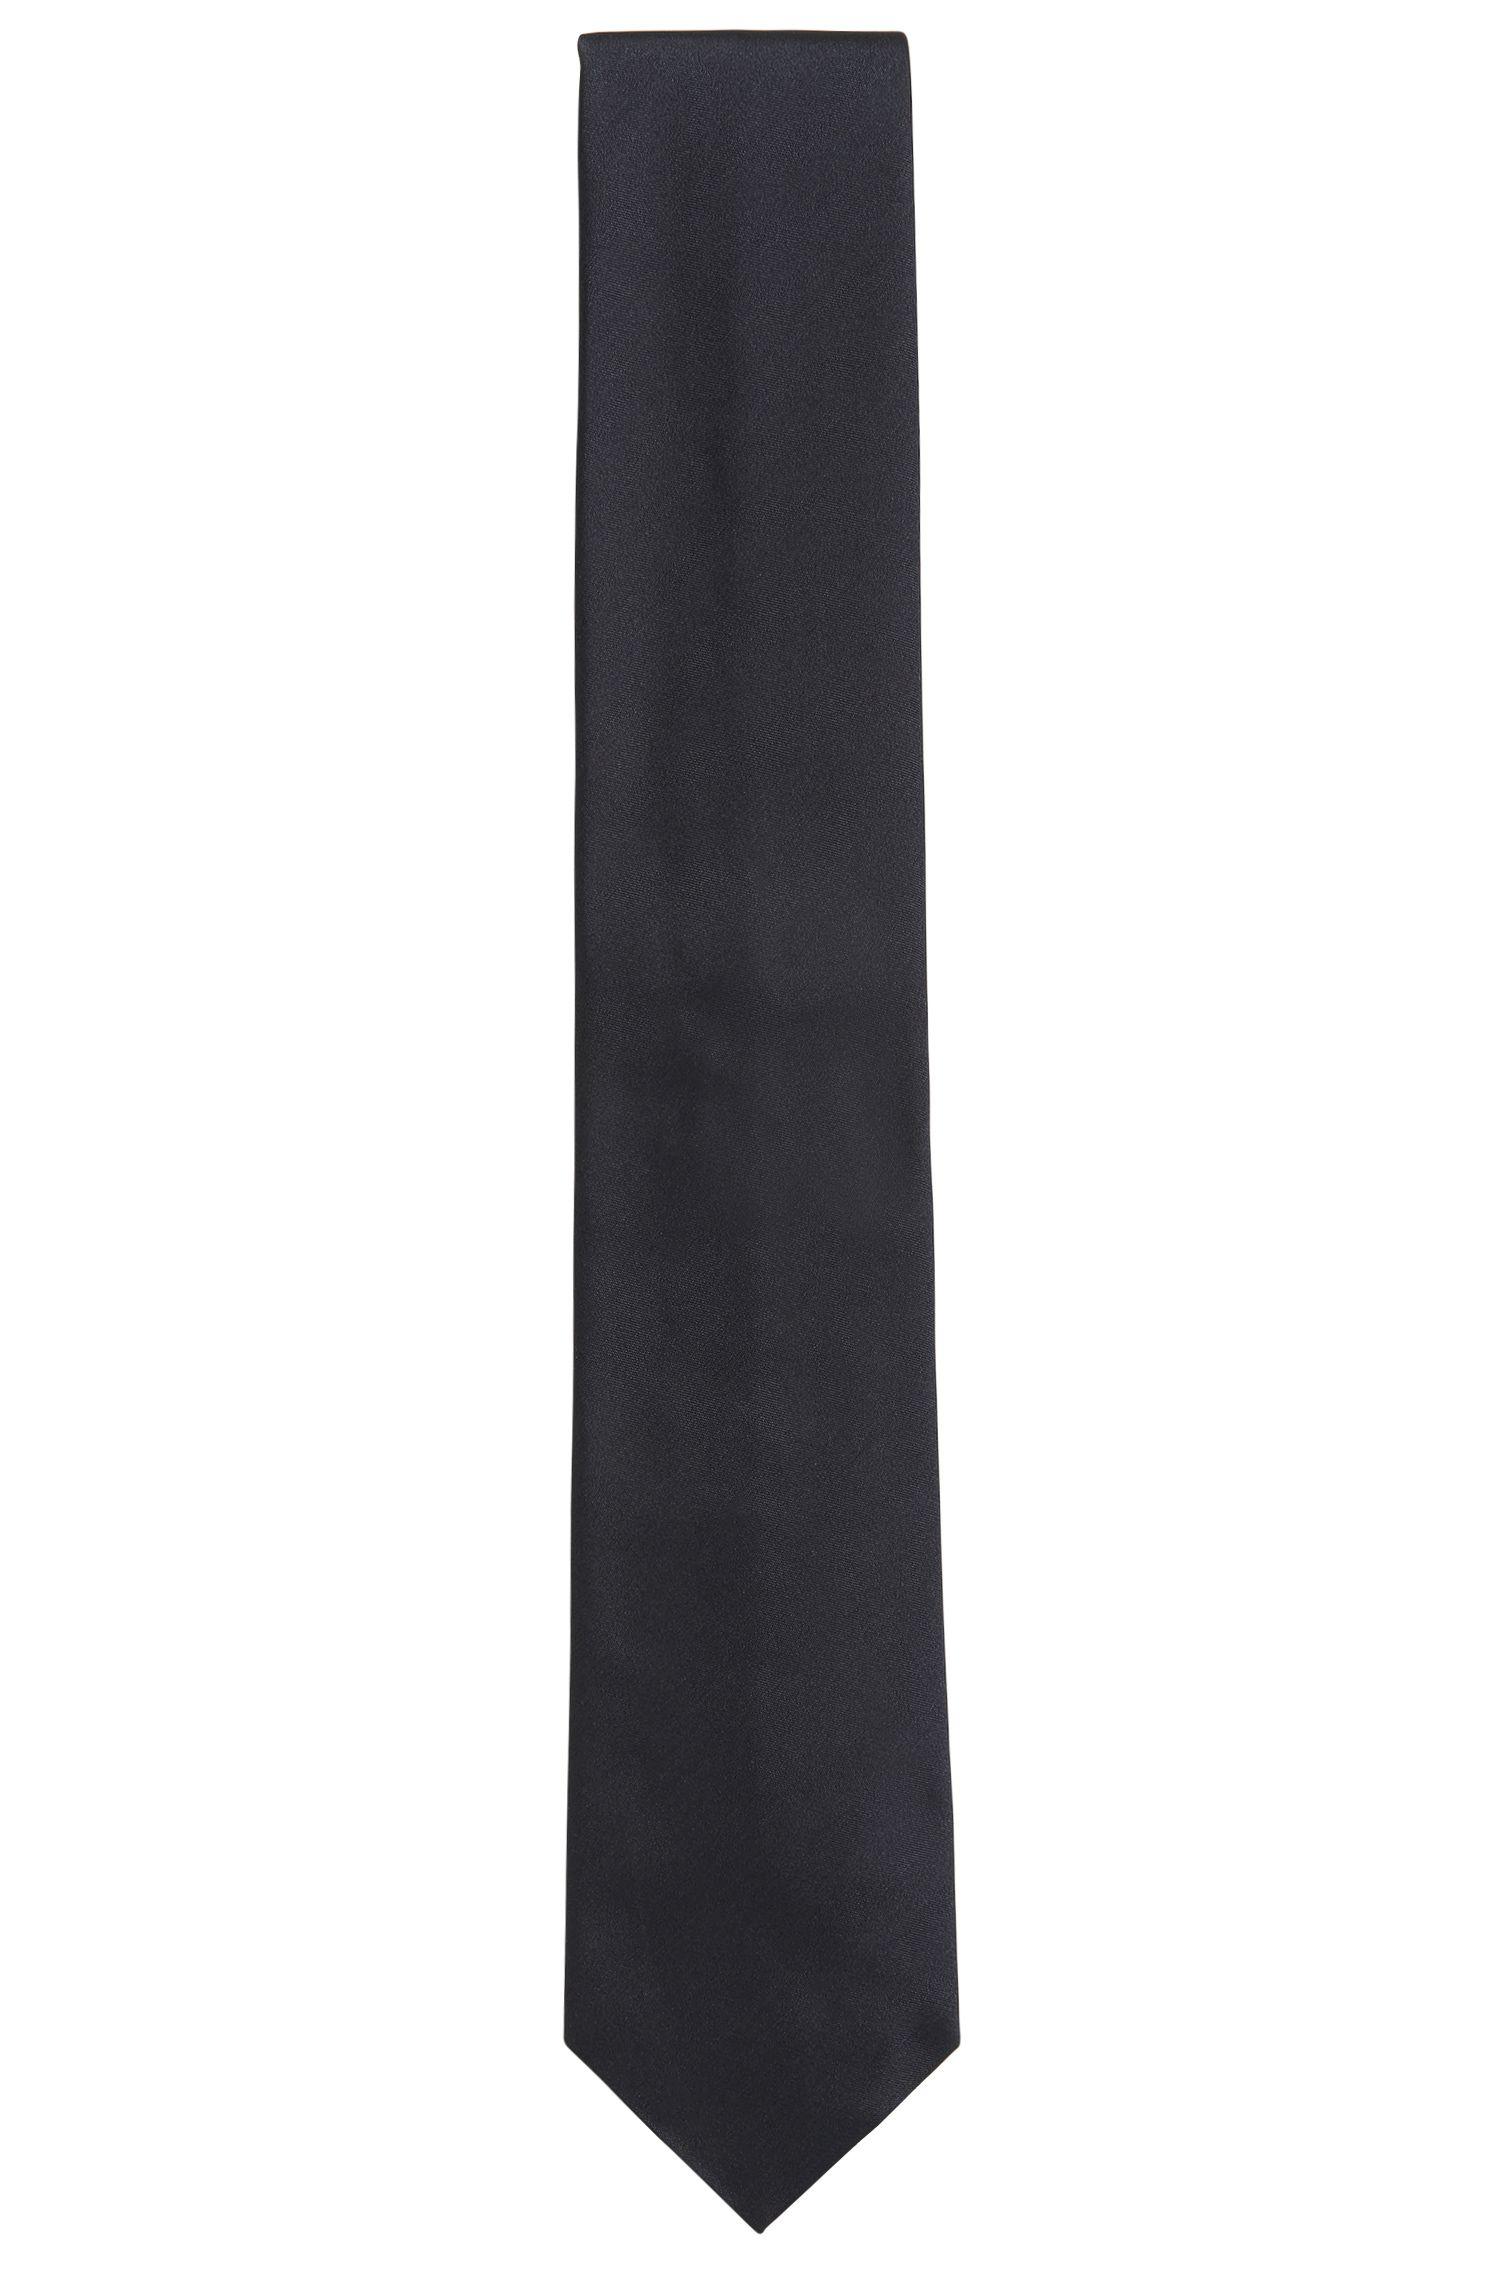 Cravate en pure soie confectionnée en Italie